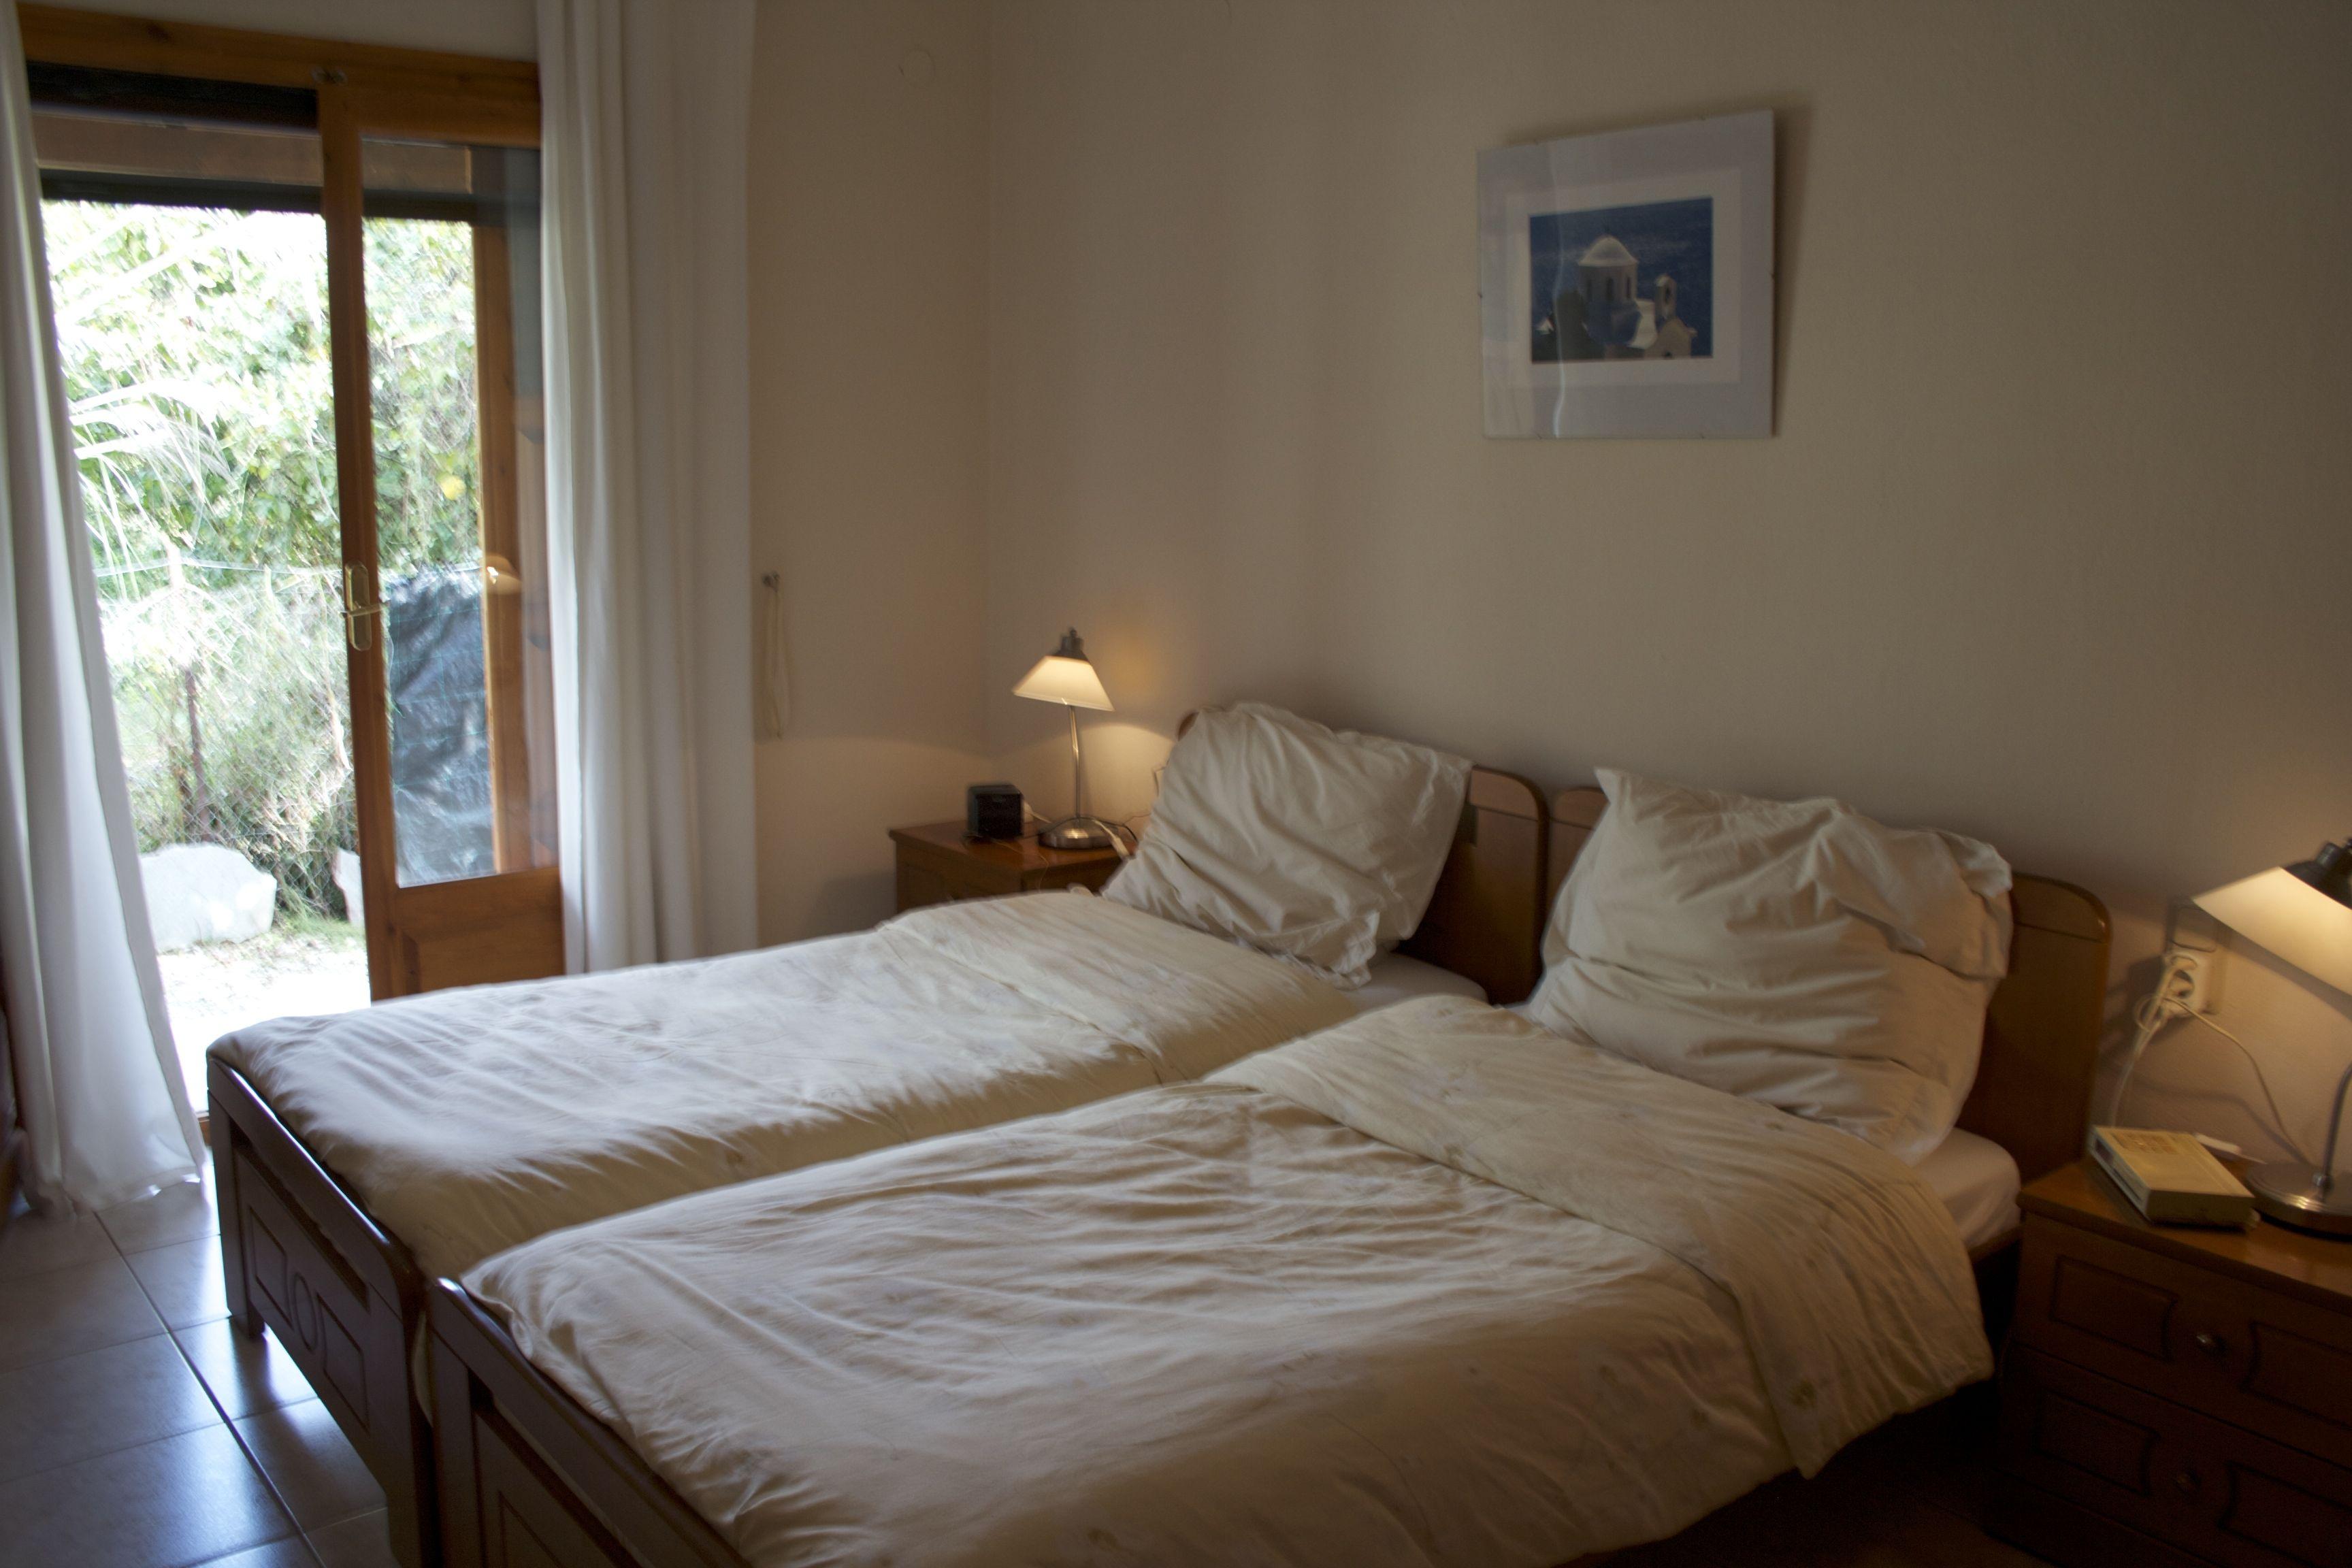 Huis - Slaapkamer klein gebied ...